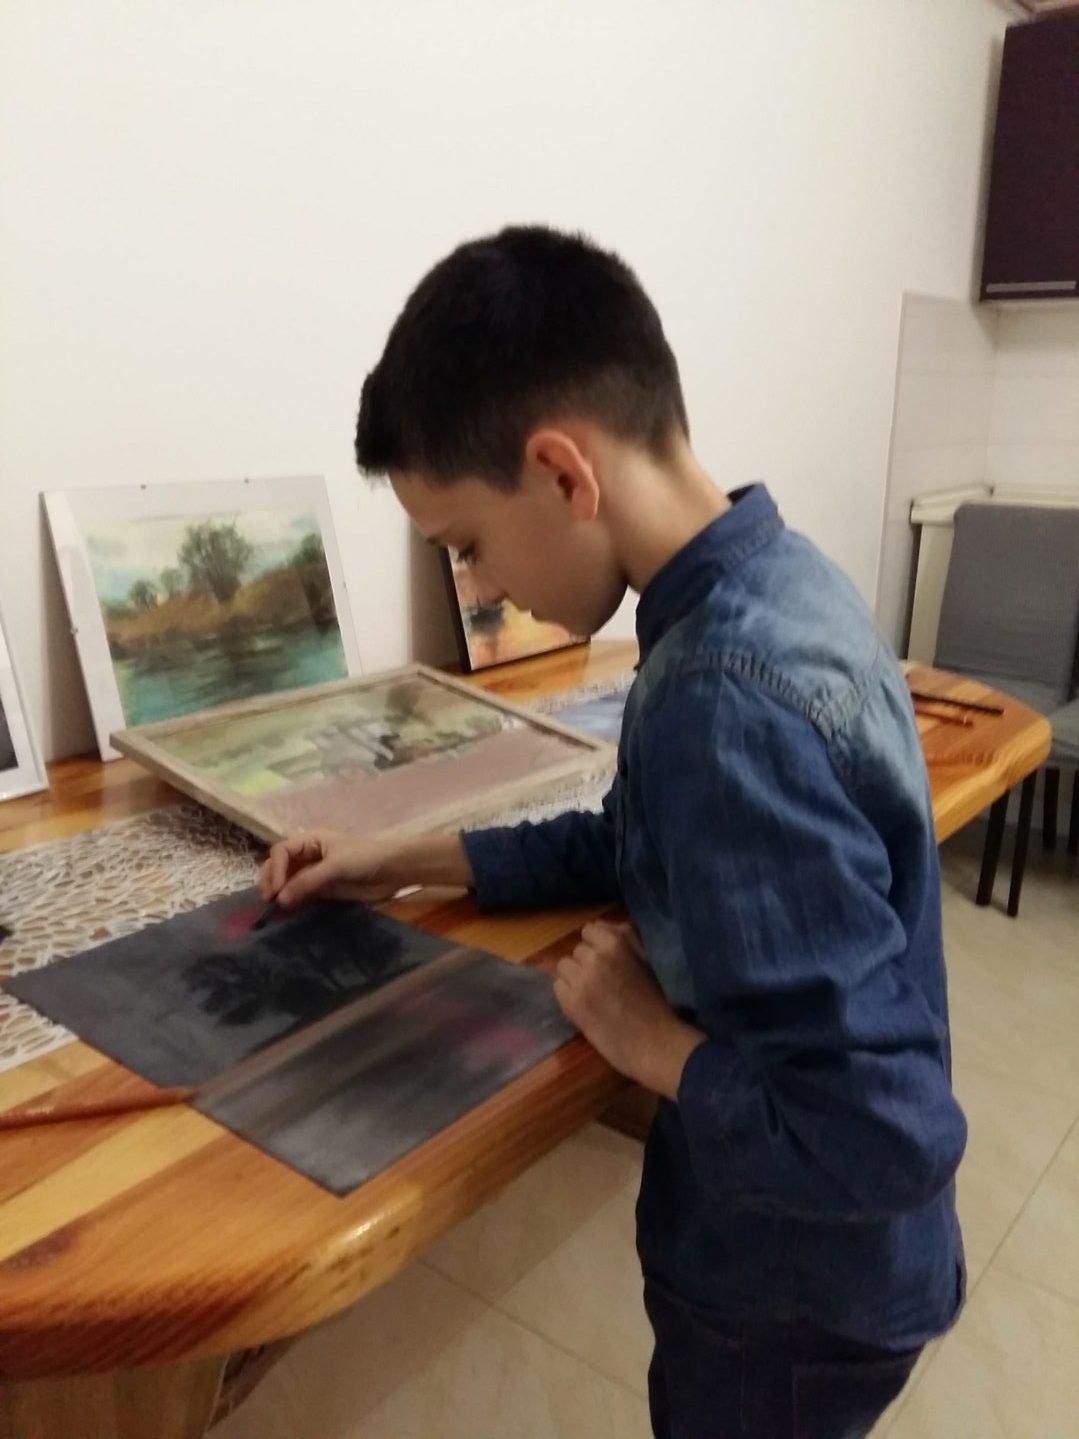 Aleksandru Kovačiću tek je 10 godina, a već su mu likovni radovi bili izloženi u Lisinskom